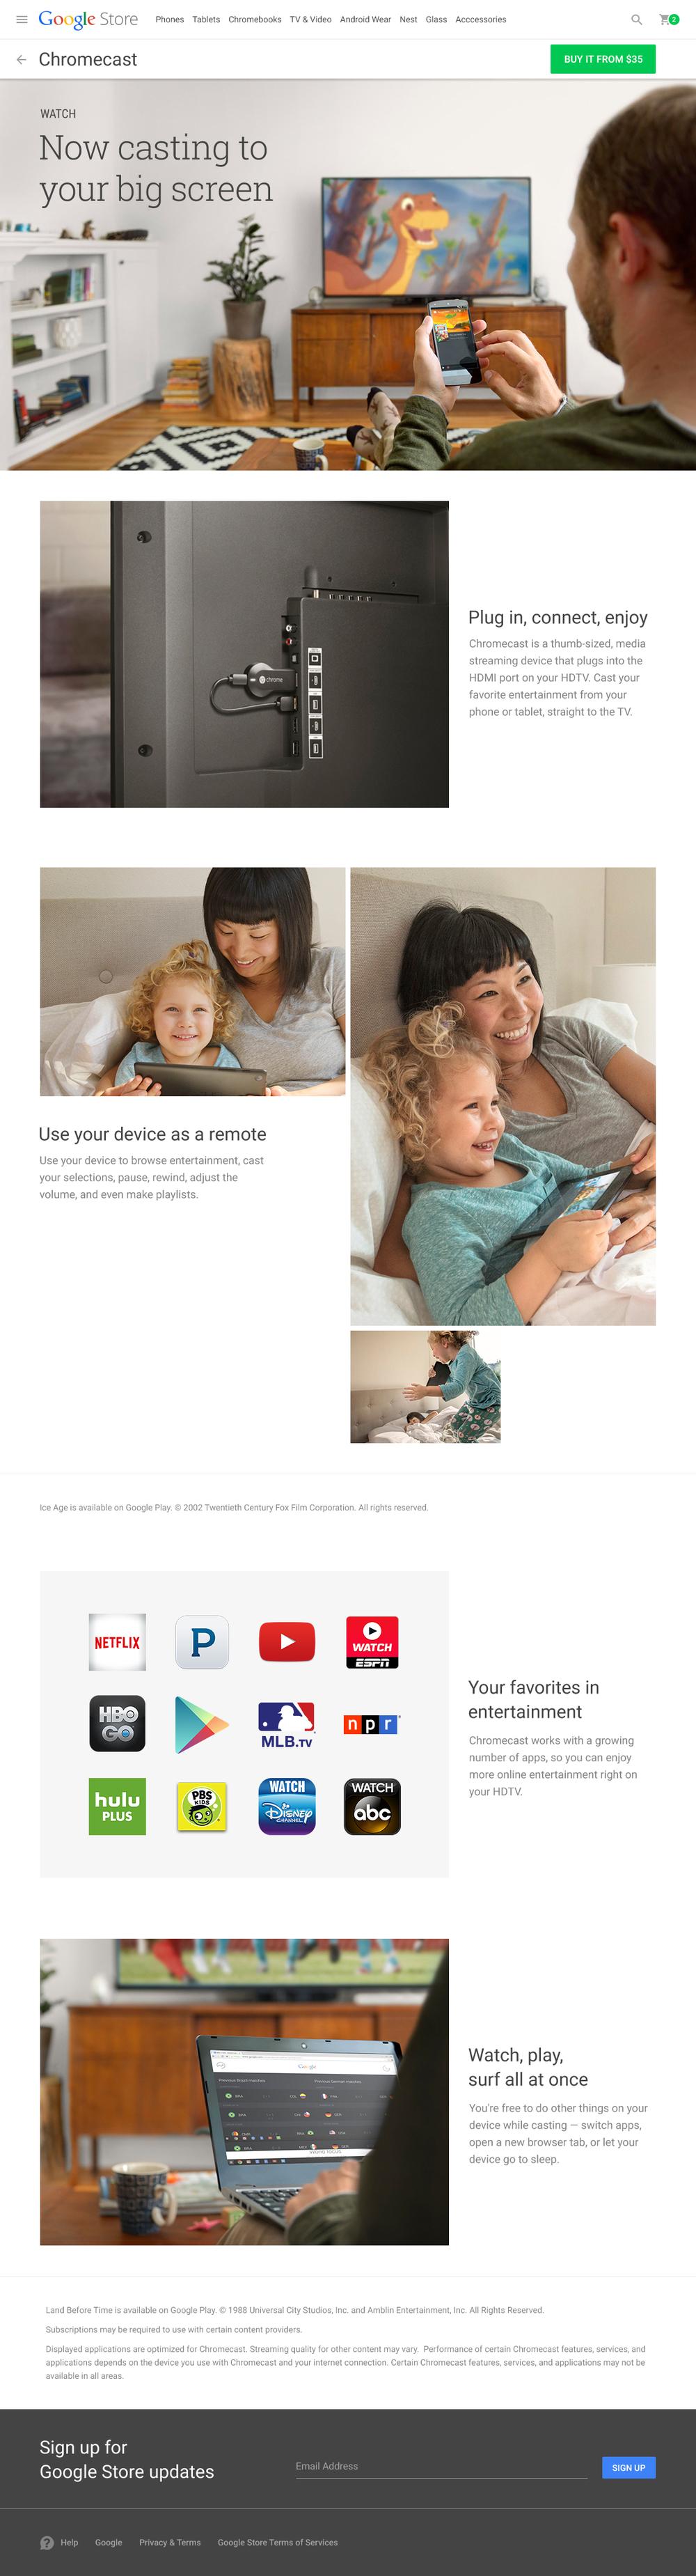 Chromecast Platform Story